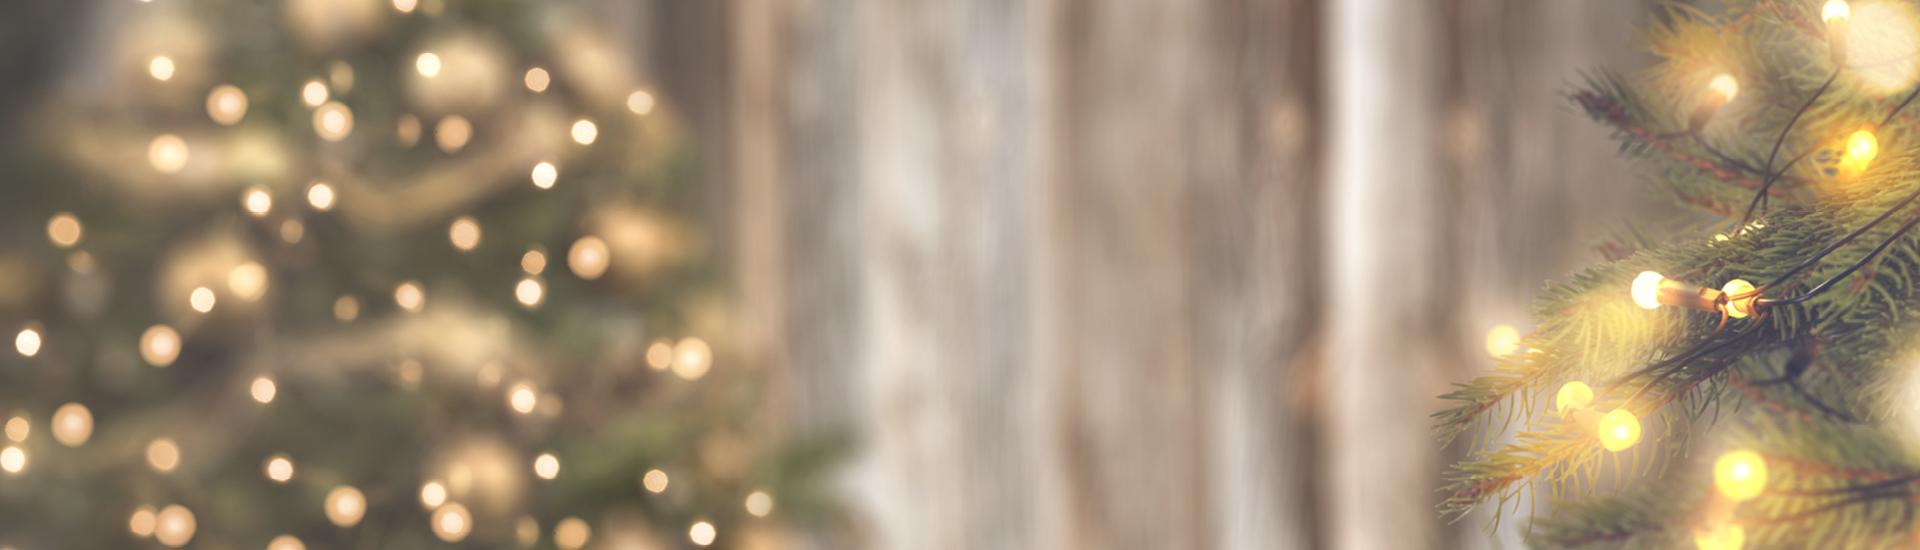 Weine - Geschenkideen für Weihnachten 11-12/2020 - Slider